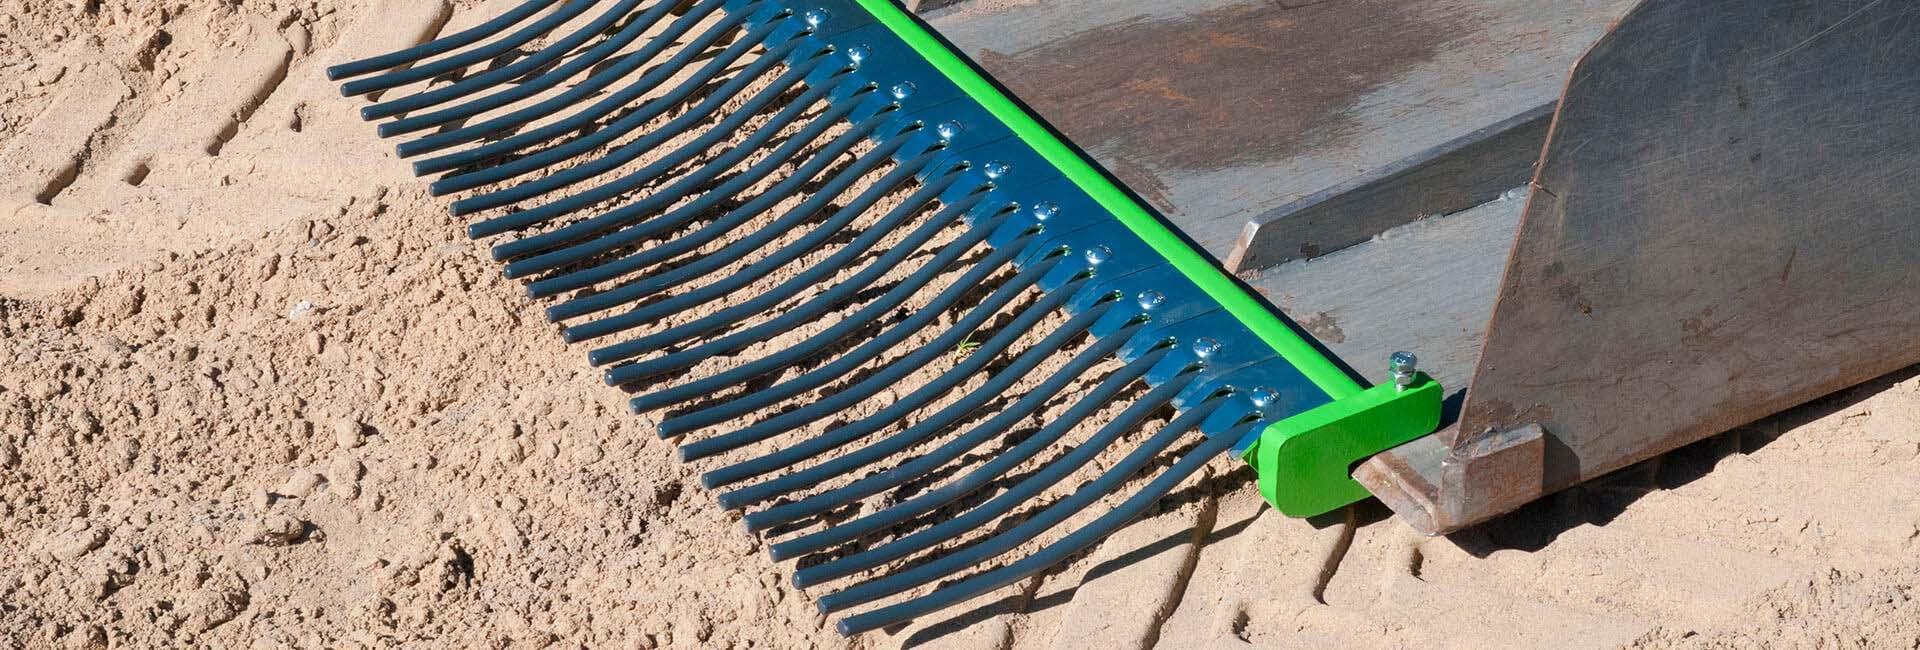 miljøbillede af AVANT minilæsser med skovl og hestepæreopsamler